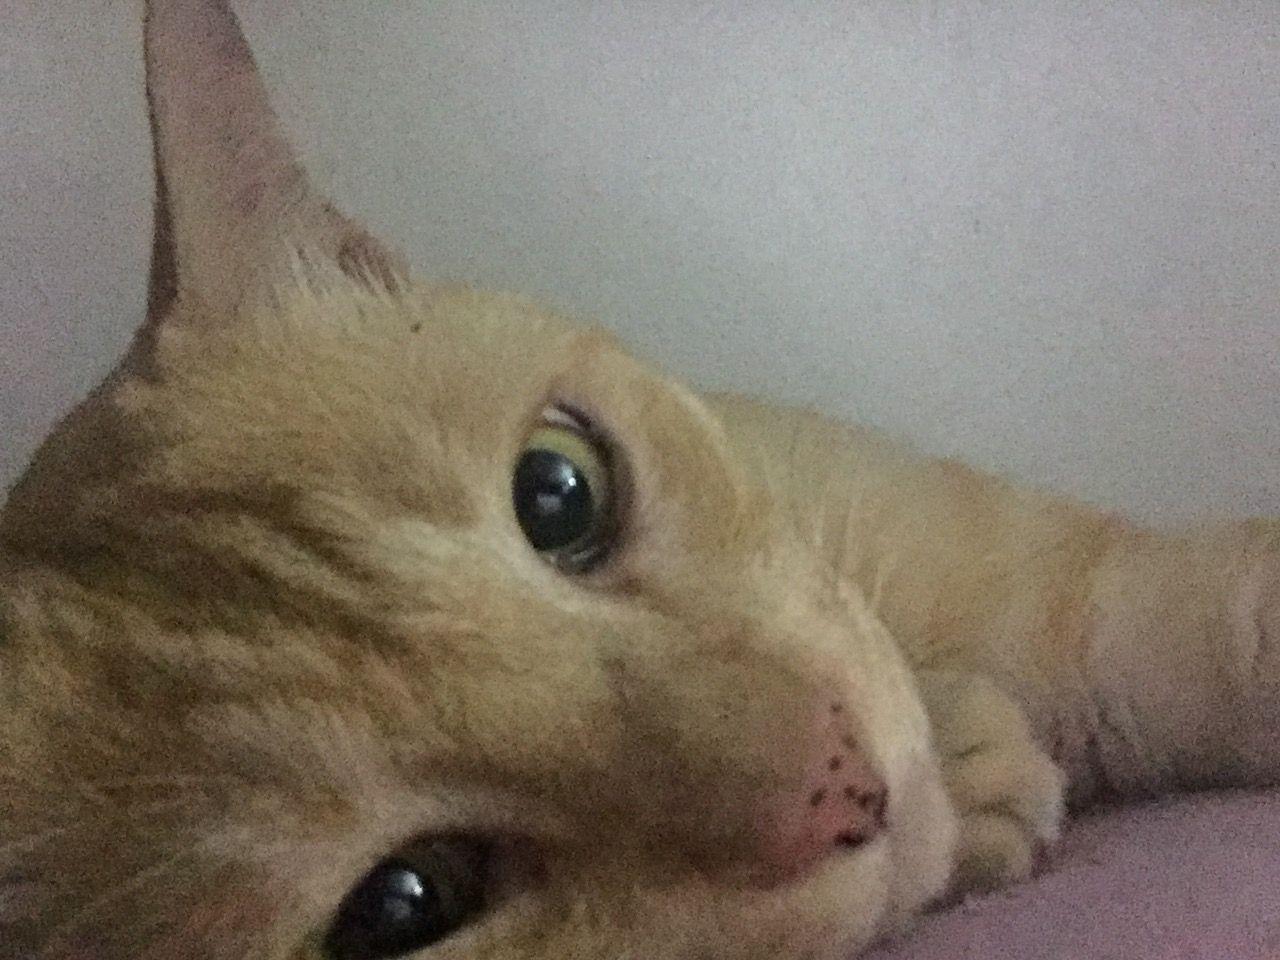 ฝนตกออกไปเท ยวไม ได นอนตาใสแจ วเช ยว ส นวลแมวหล อ